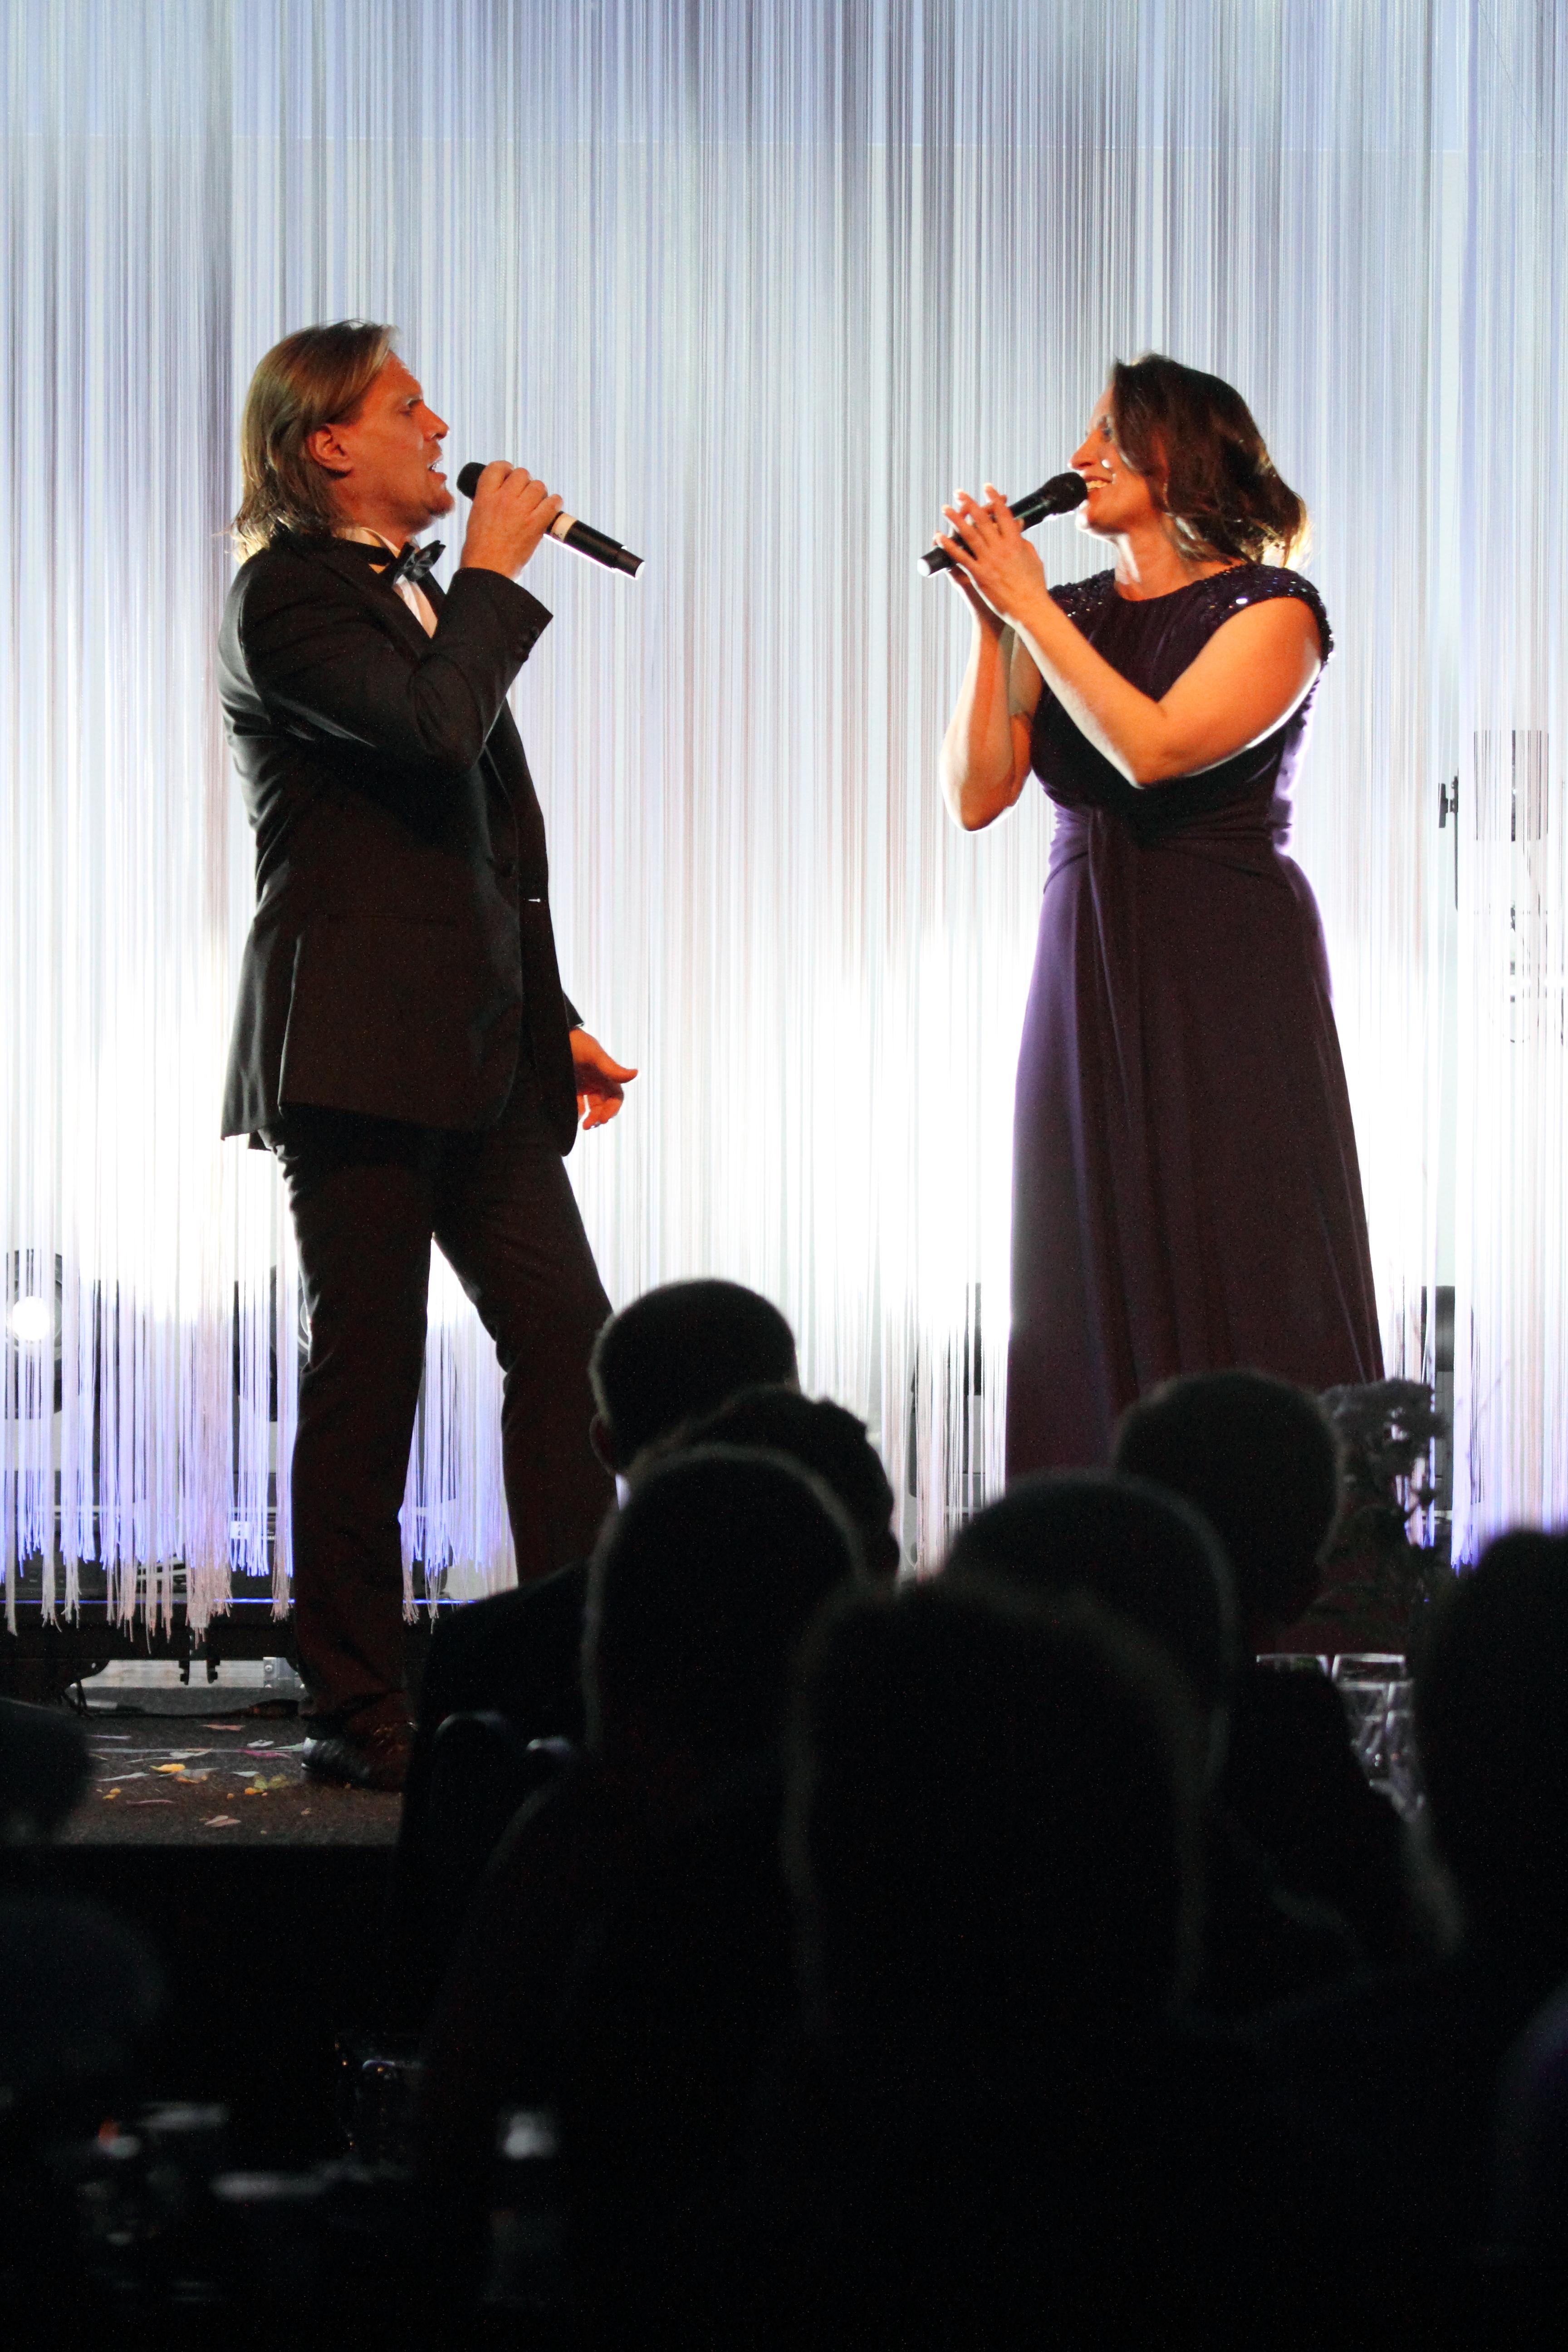 Ulrika Skoglund & Magnus Bäcklund